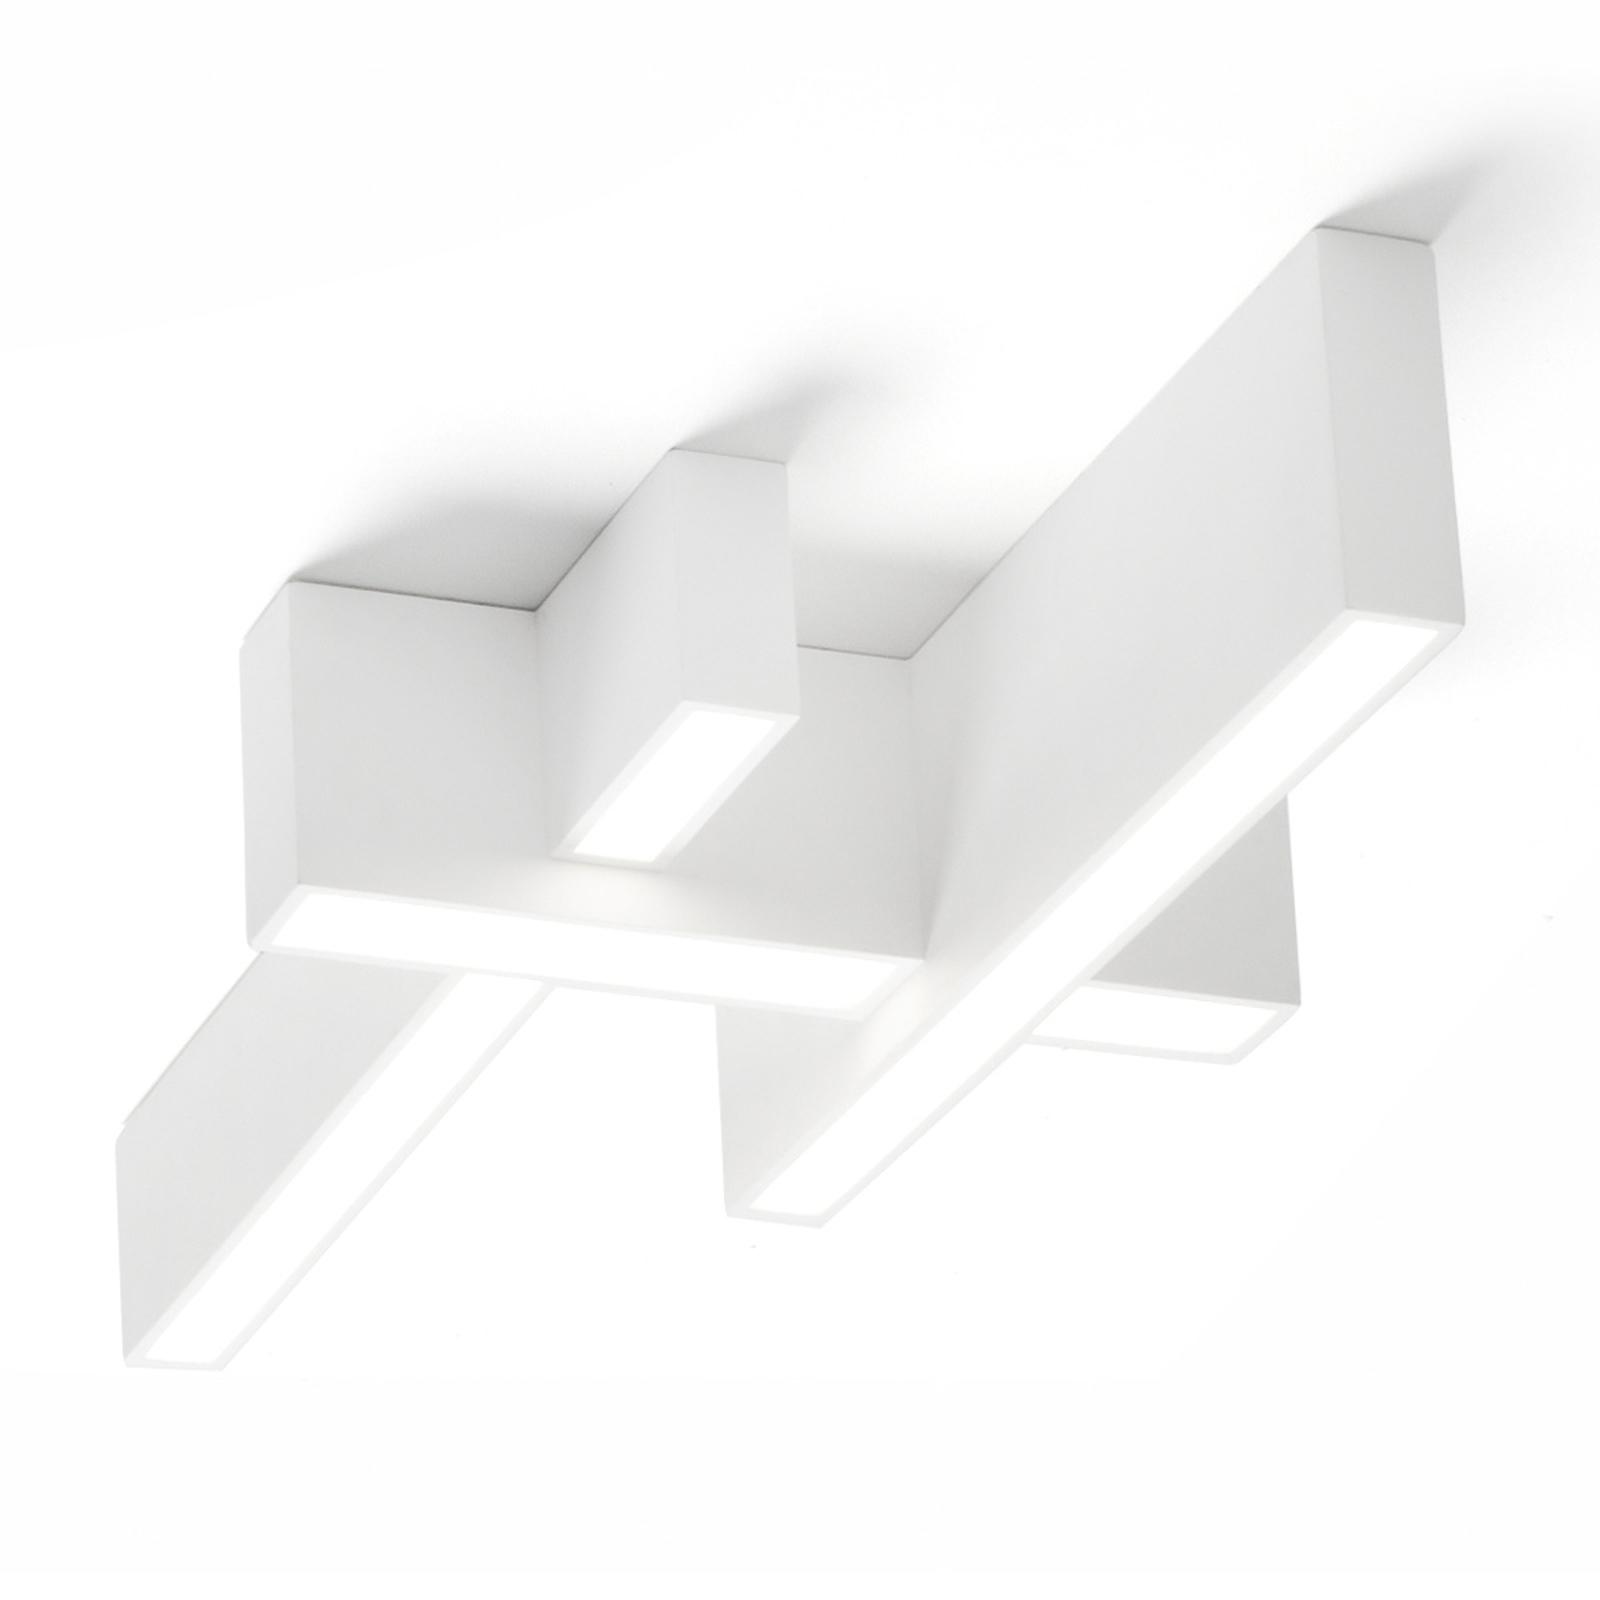 LED-kattovalaisin Magnesia T275, jossa 3 palkkia